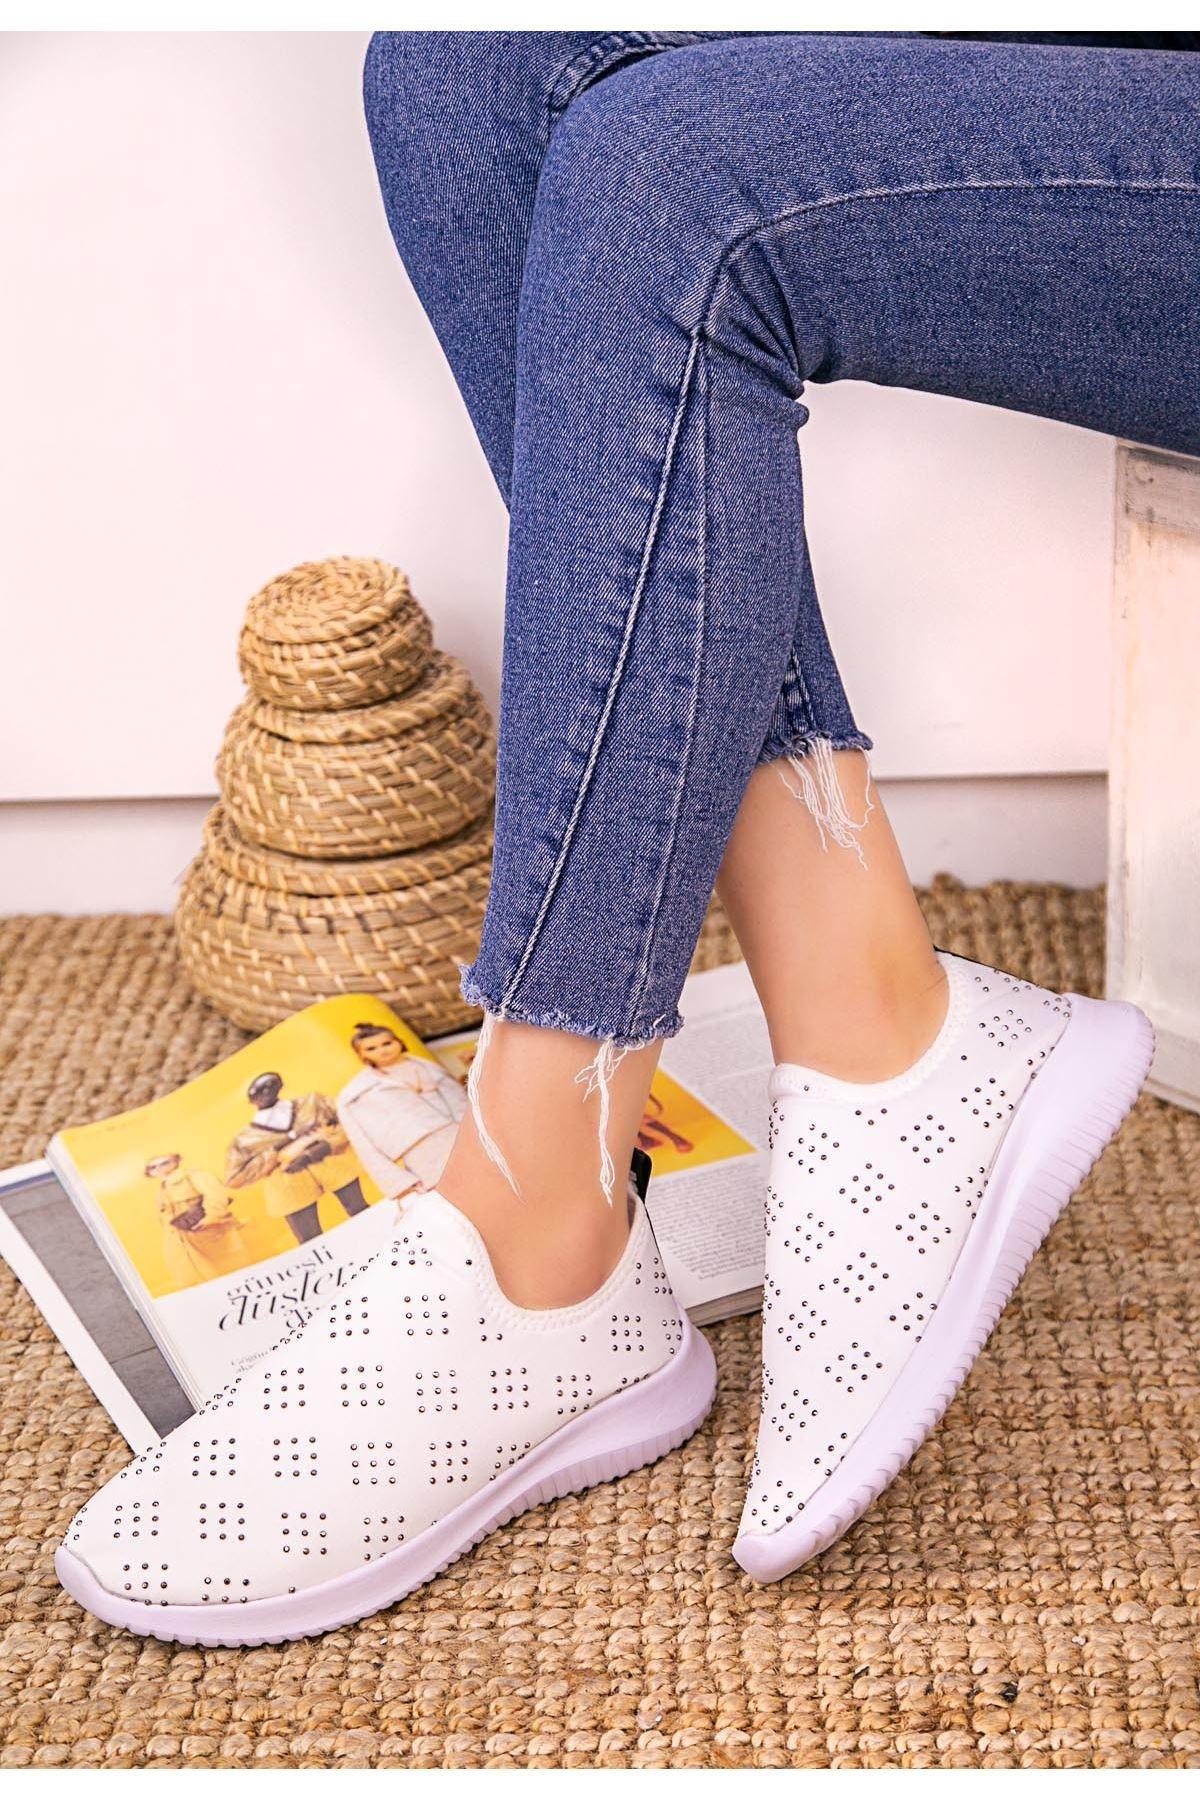 Stin Beyaz Boncuk İşlemeli Spor Ayakkabı